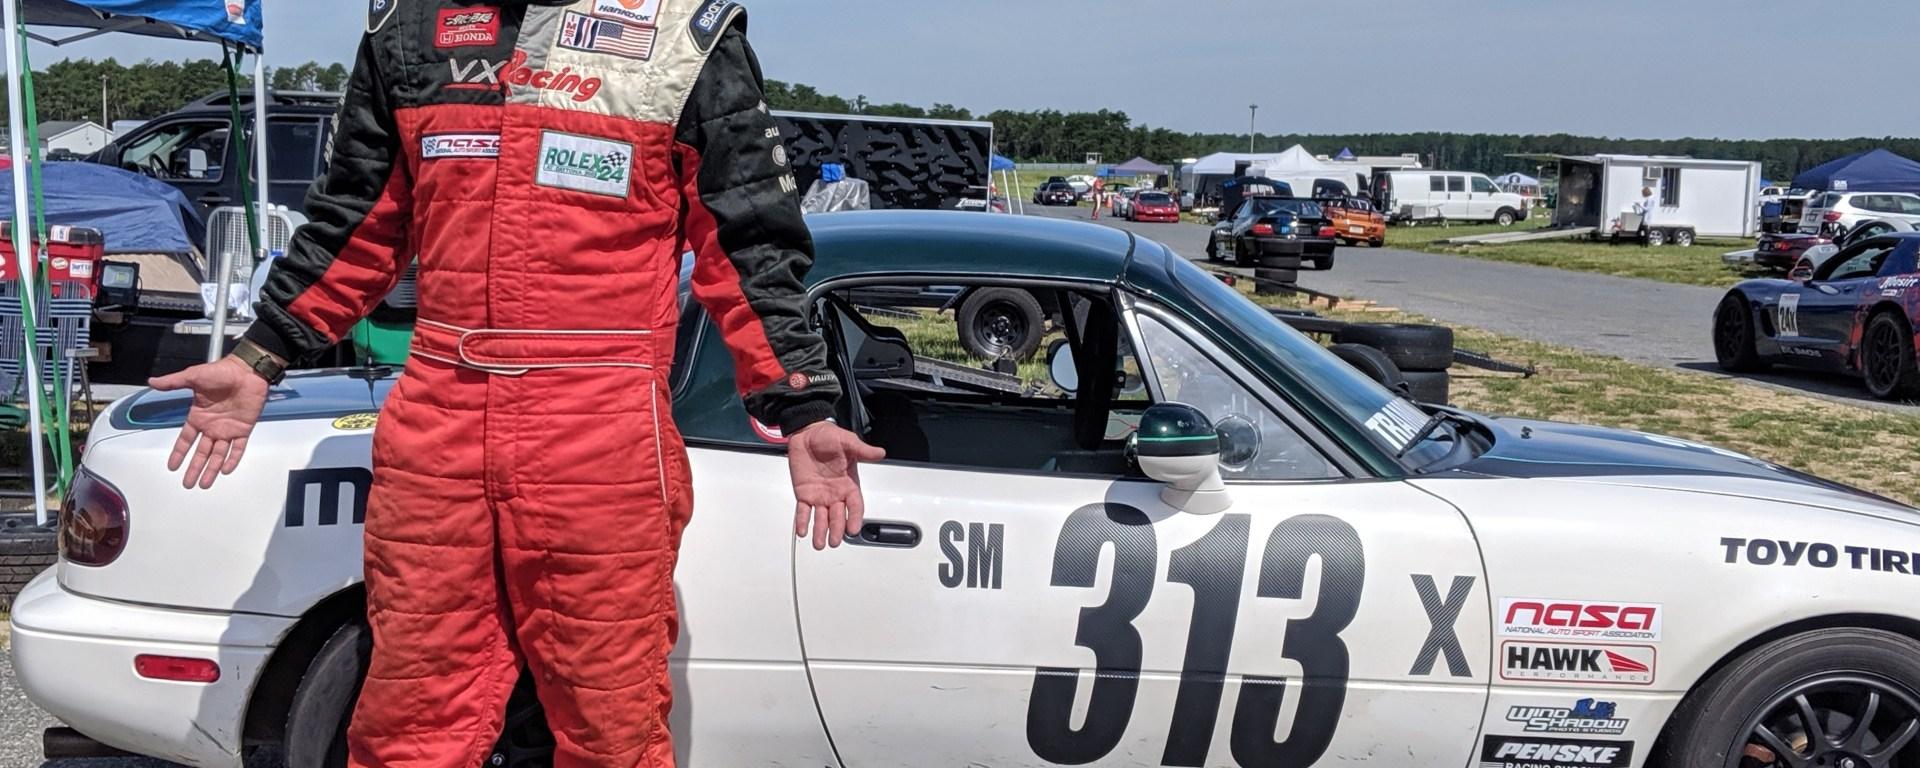 Race Driver in firesuit standing before Spec Miata Racecar